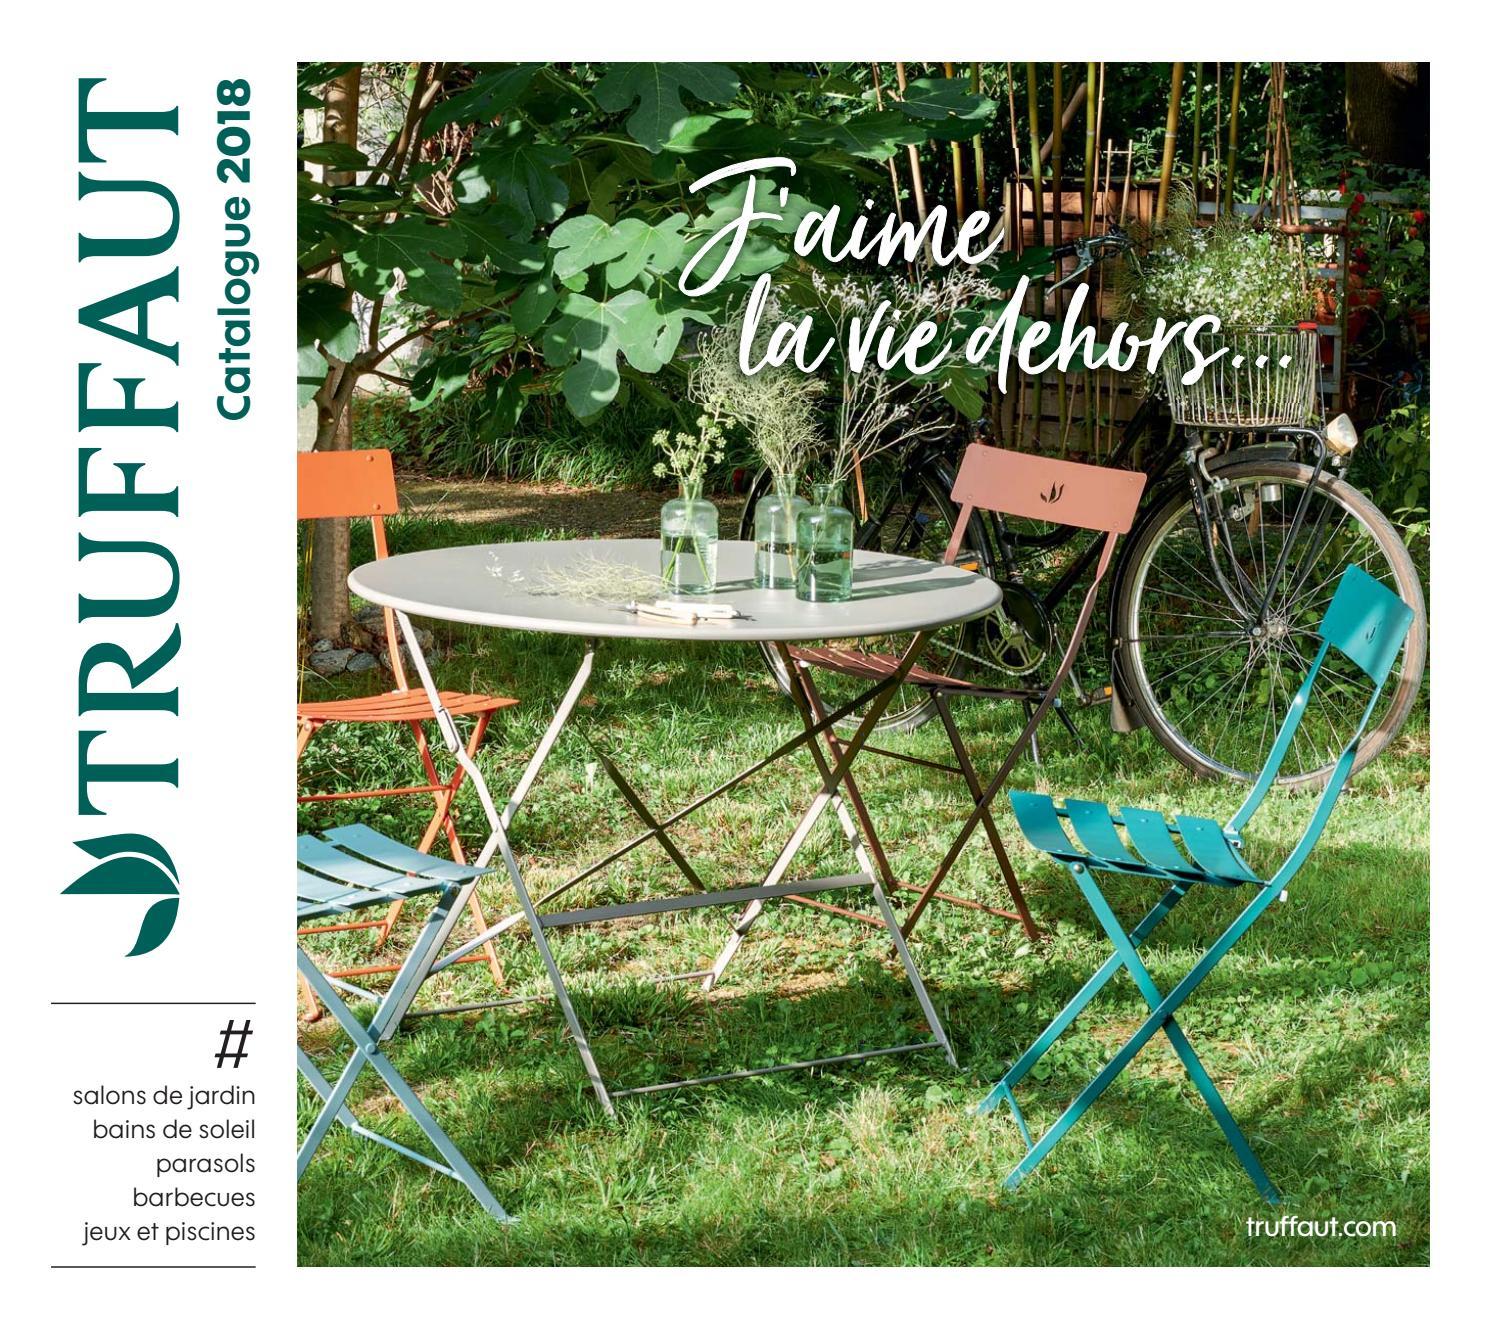 Catalogue Mobilier De Jardin Et Barbecue : Été 2018 ... avec Salon De Jardin Truffaut